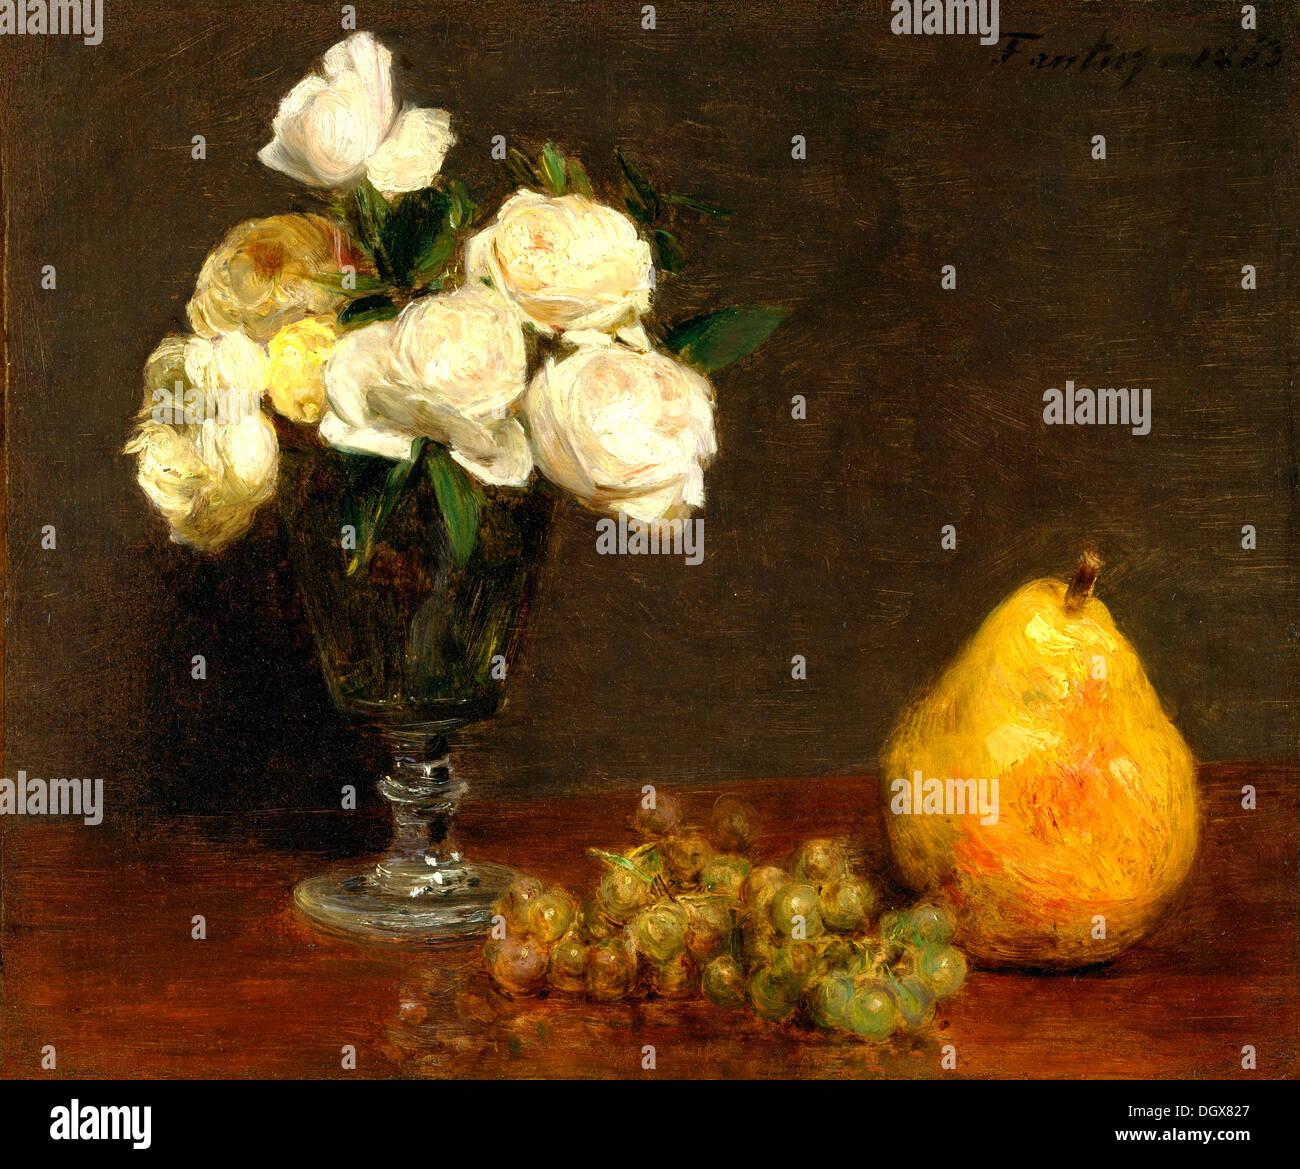 Bodegón con rosas y fruta - por Henri Fantin-Latour, 1863 Imagen De Stock